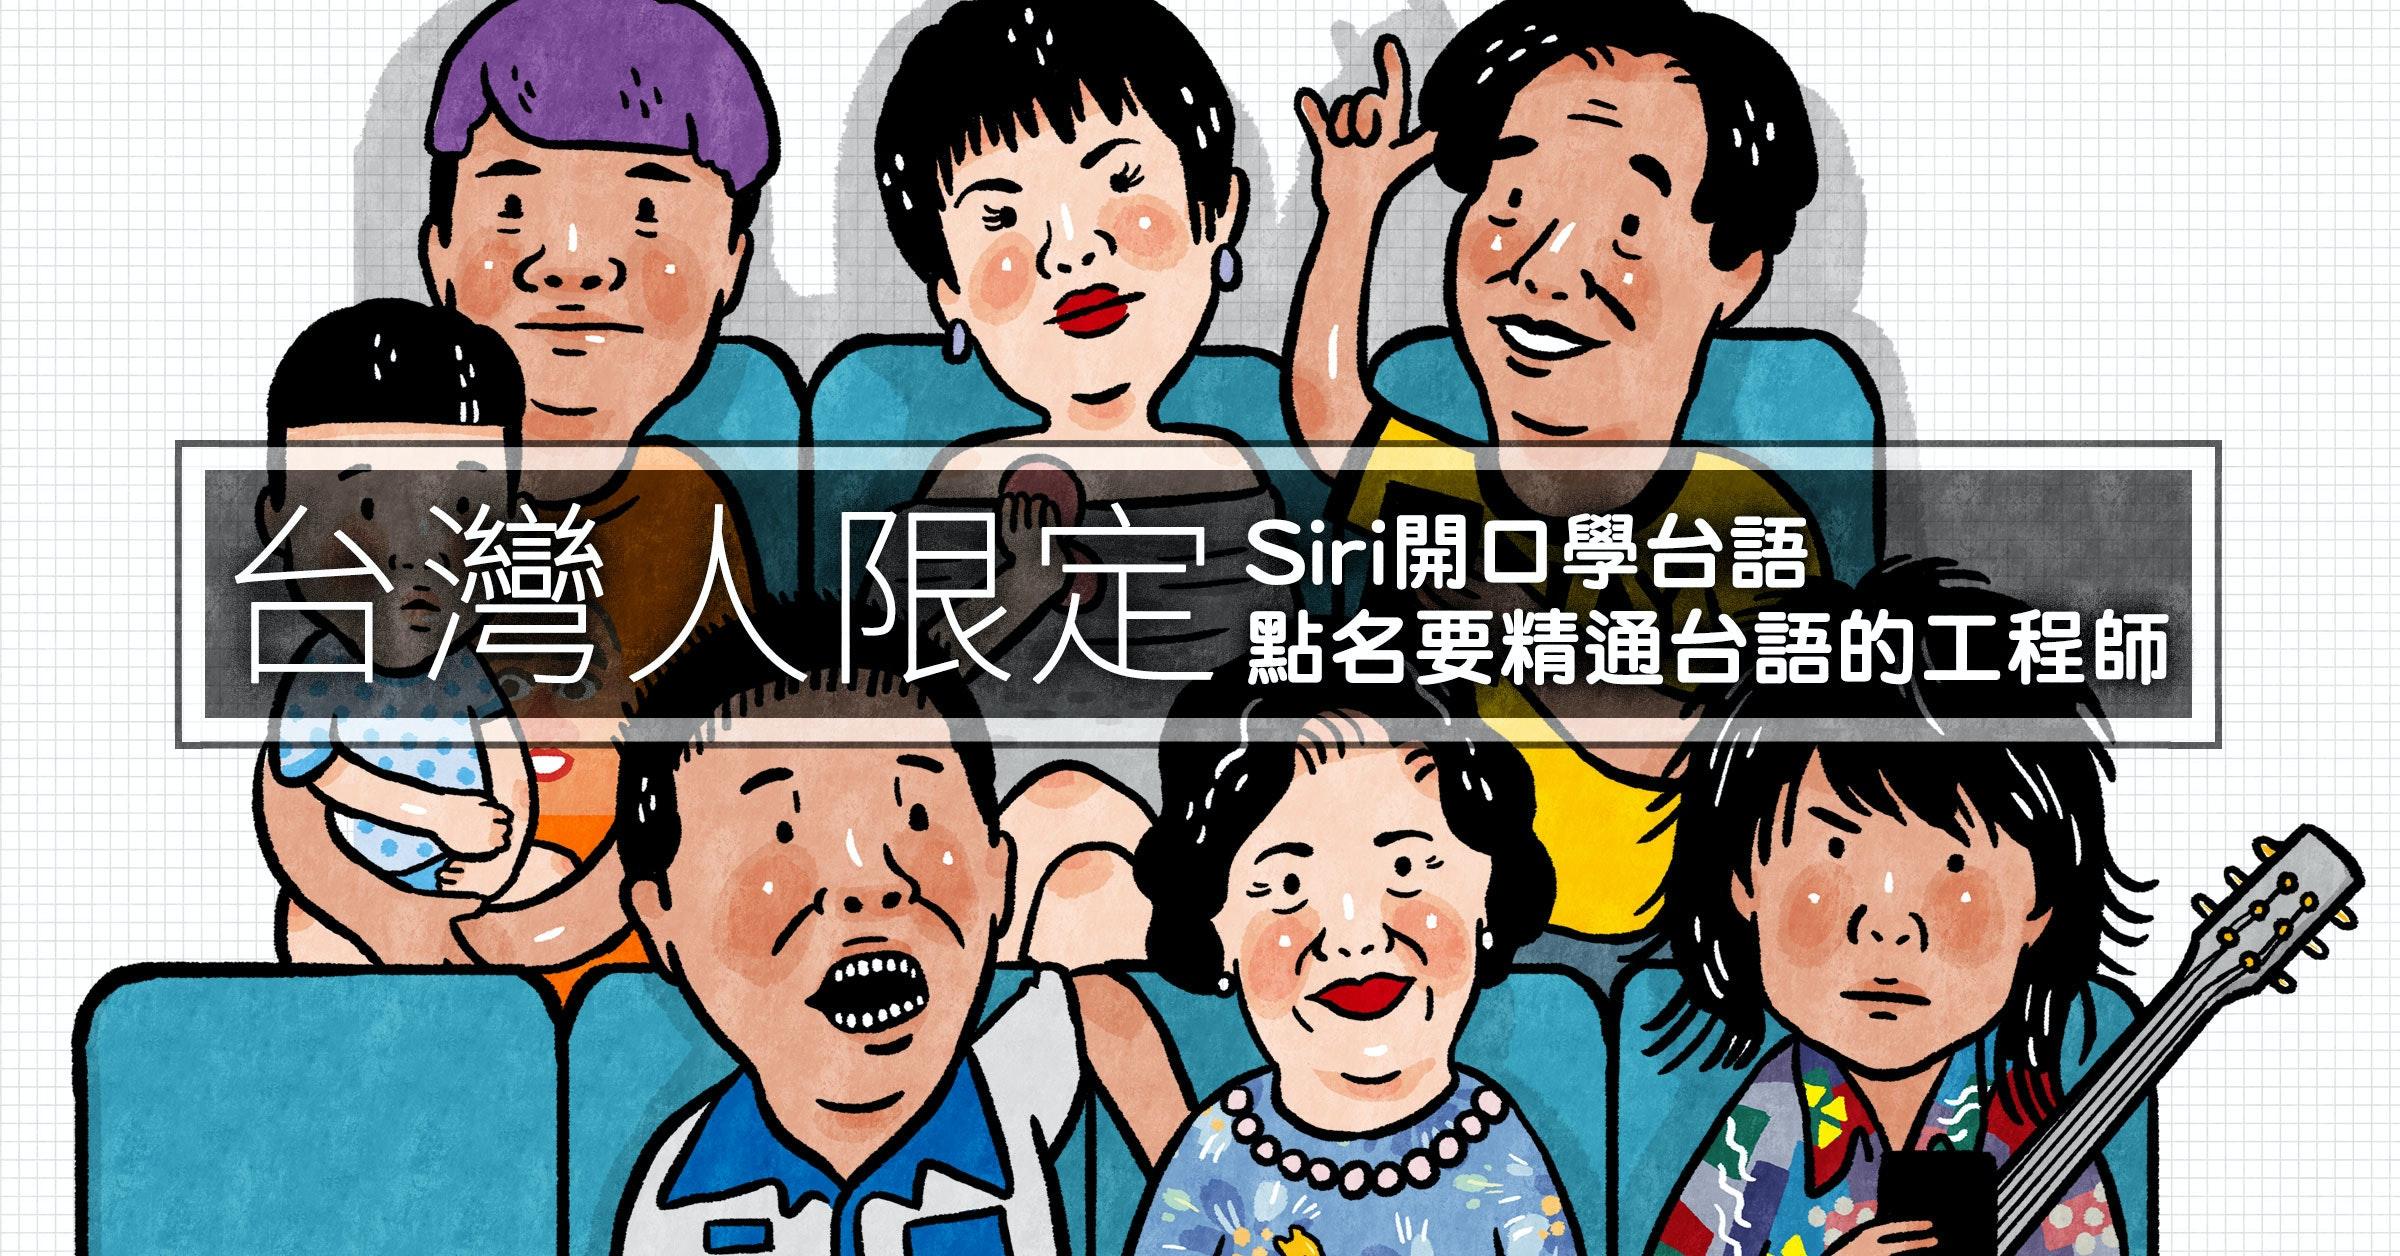 照片中提到了台灣人限定、Siri開口學台語、點名要精通台語的工程師,包含了動畫片、人類行為、動畫片、漫畫、產品